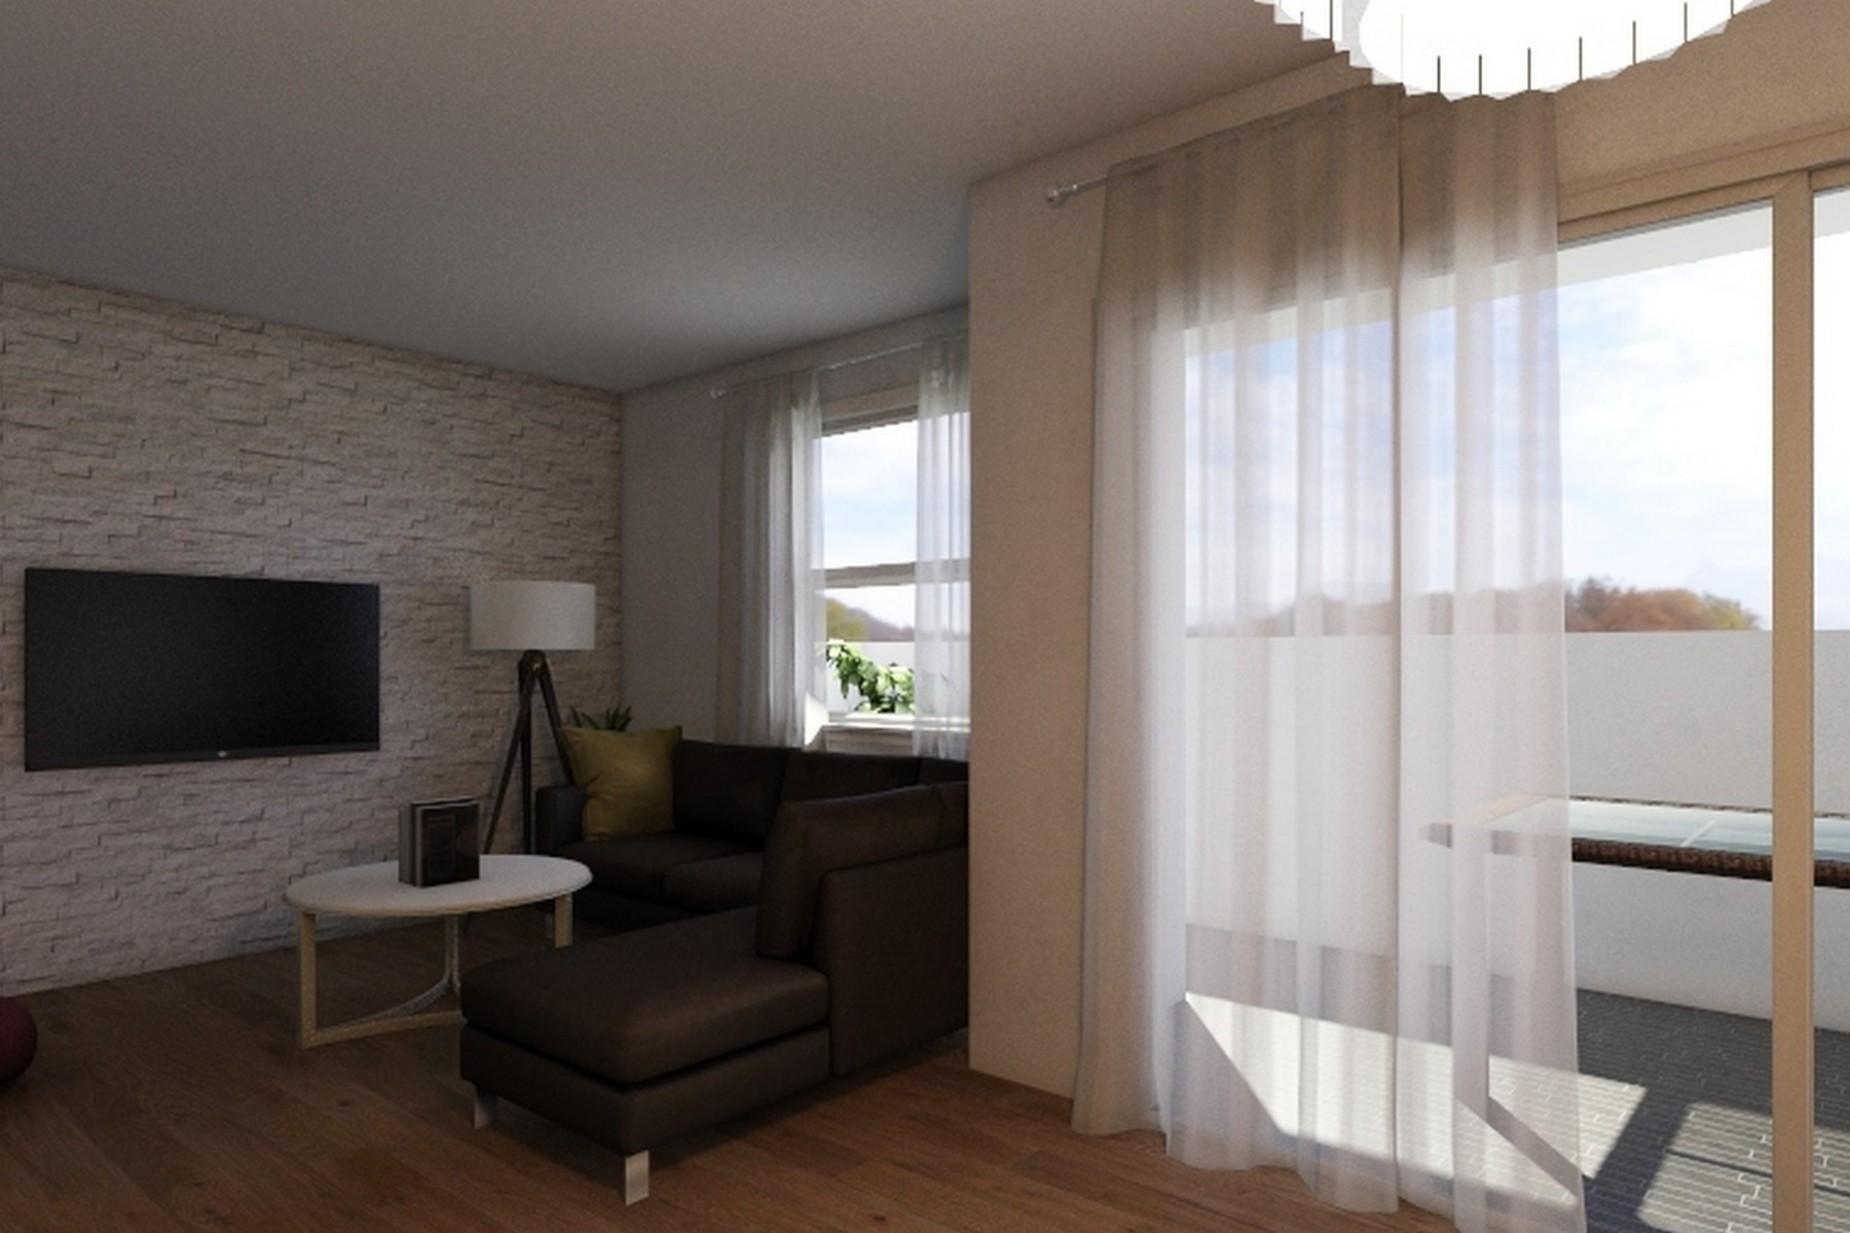 2 bed Apartment For Sale in Gzira, Gzira - thumb 2